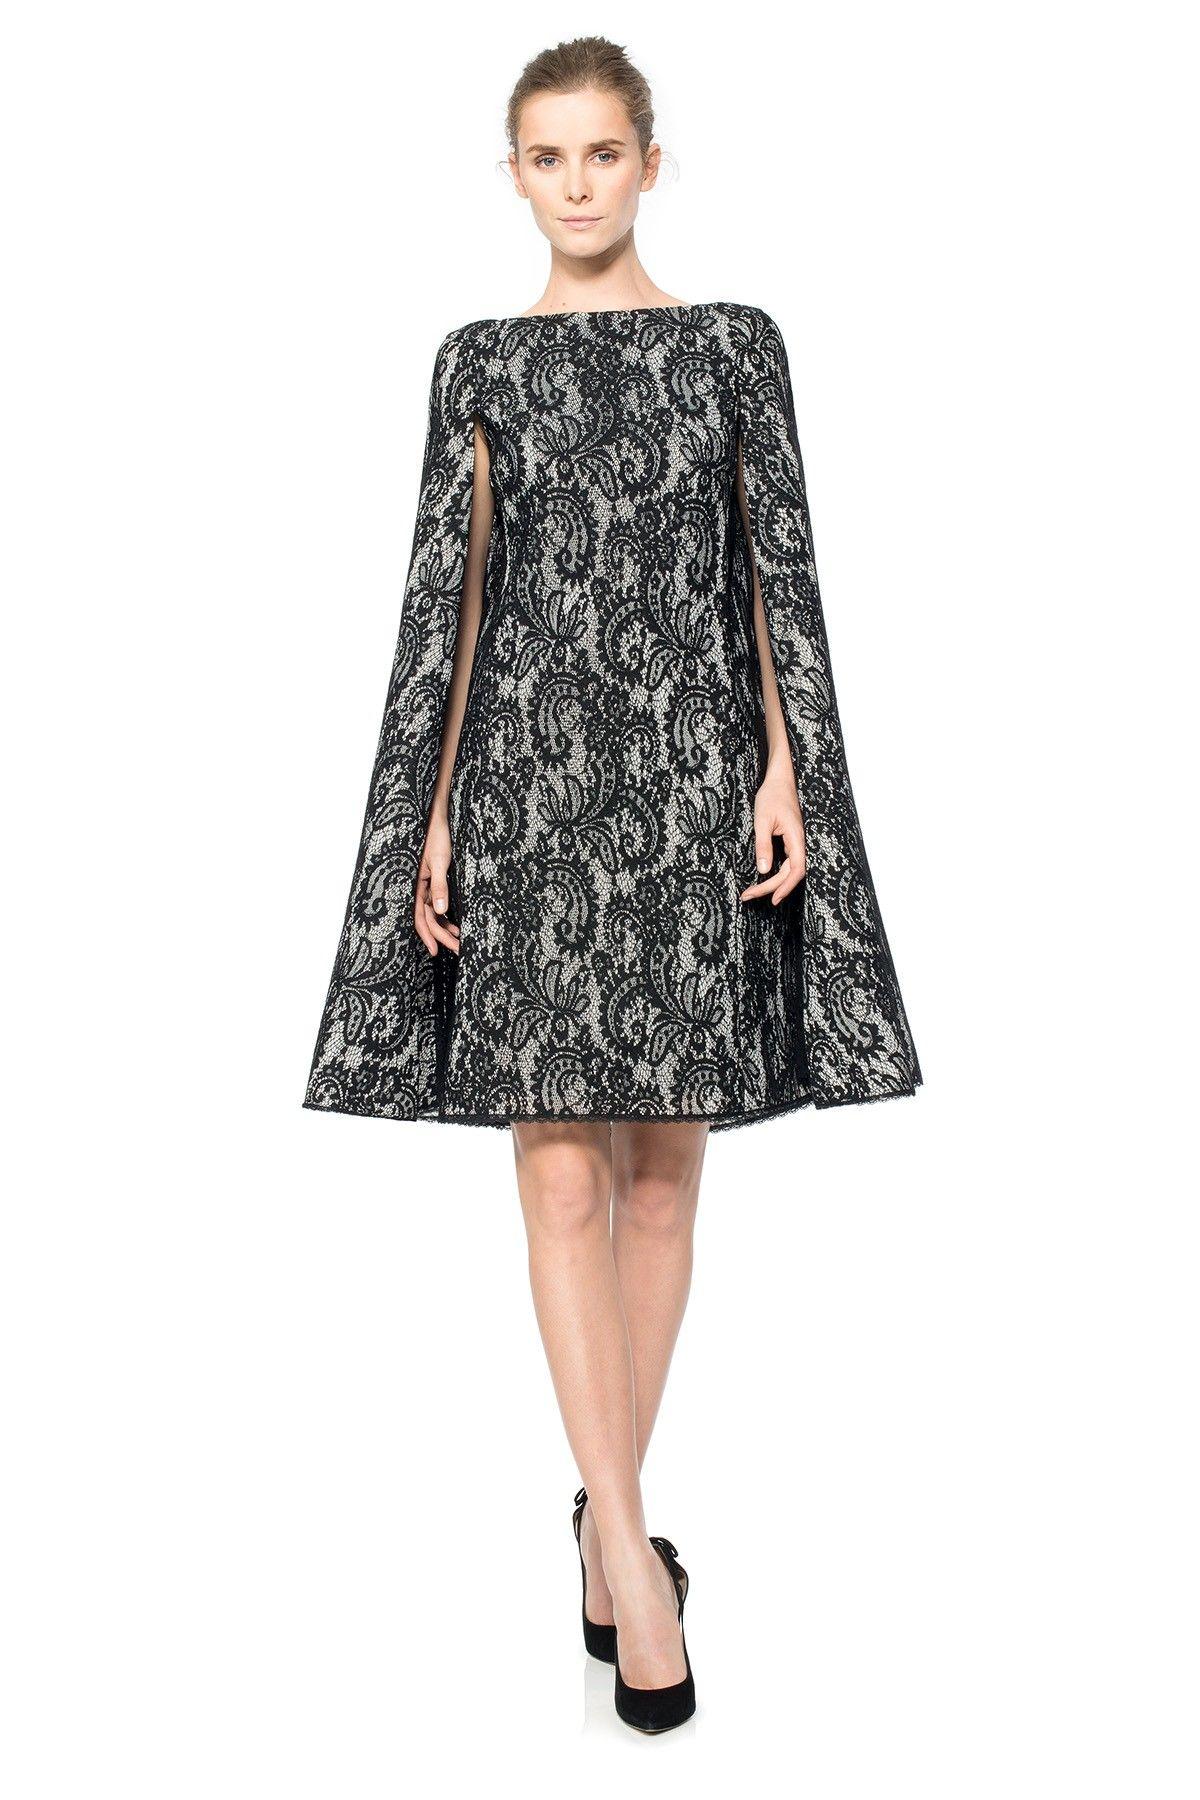 Corded Lace Spacer Mesh Cape Dress | Tadashi Shoji | Tadashi Shoji ...